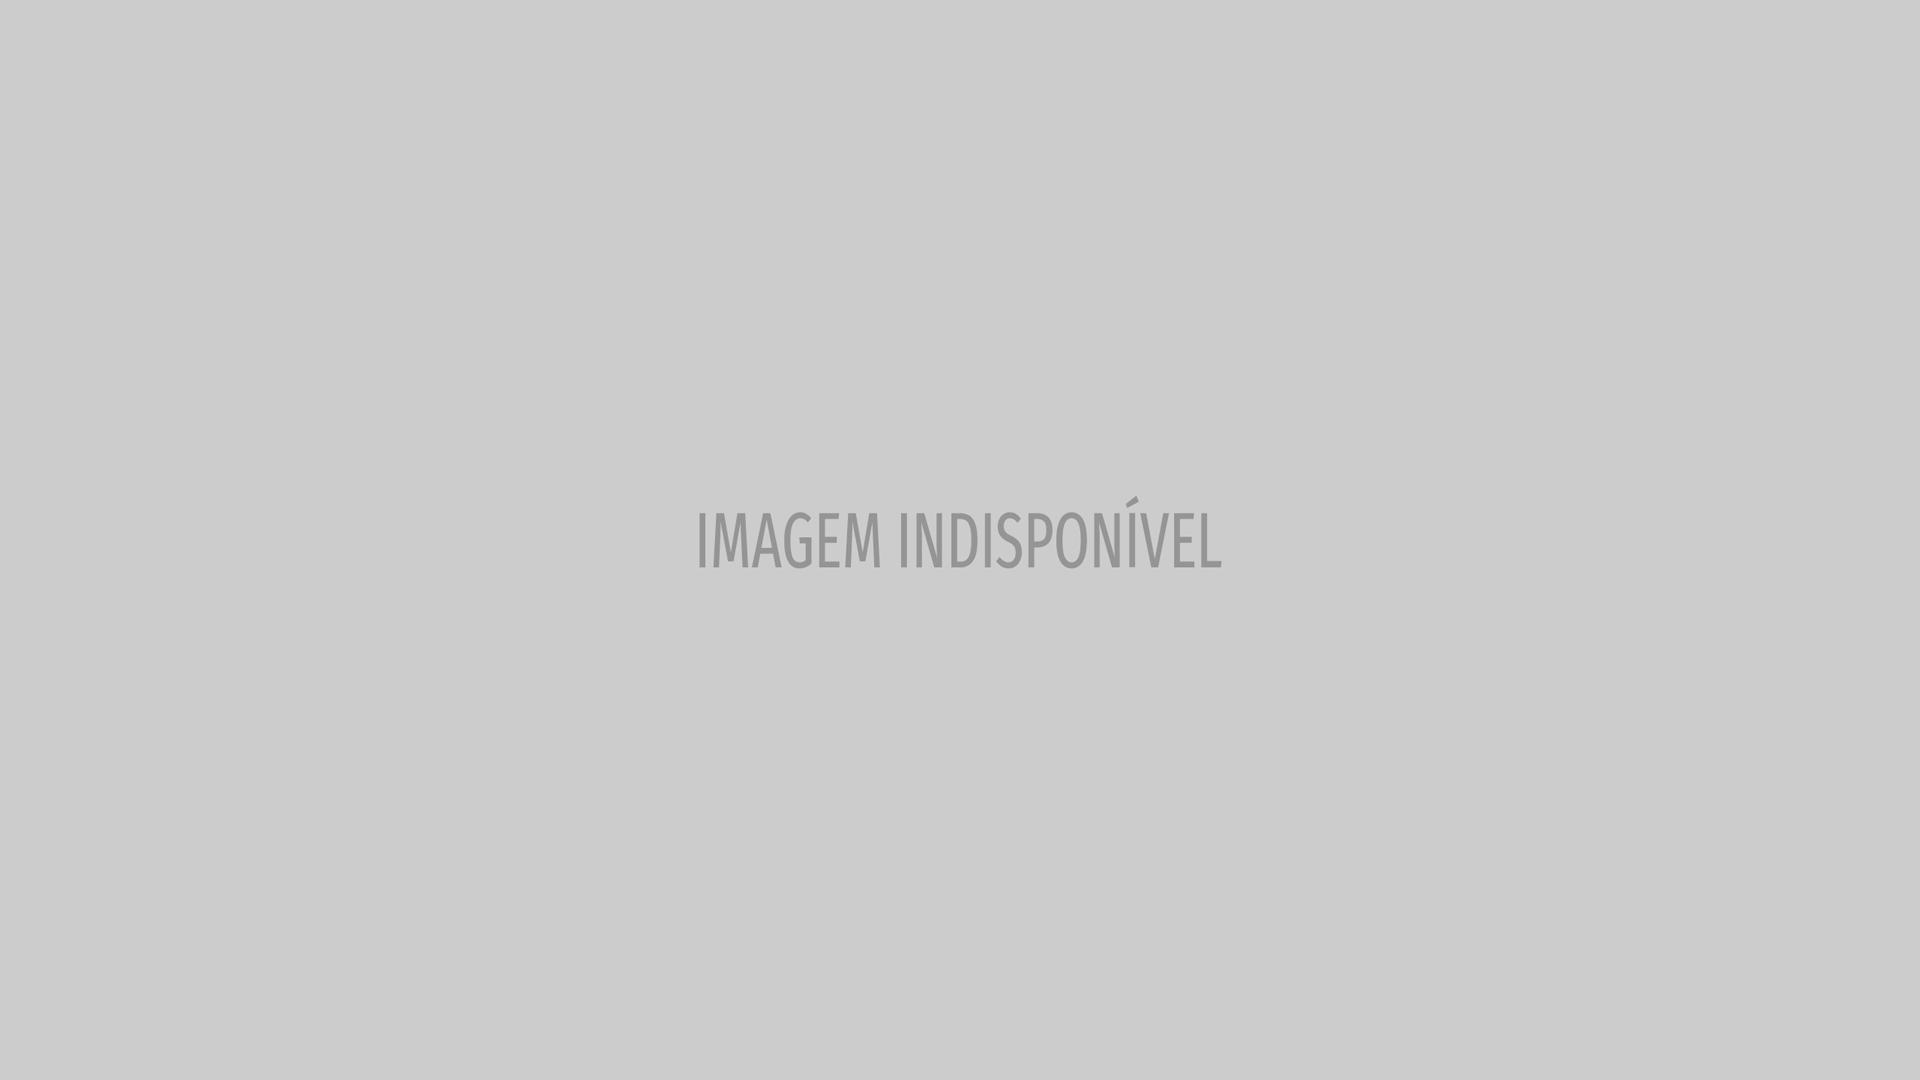 Filho de Marcelo mostra habilidade no vestiário do Real Madrid; vídeo